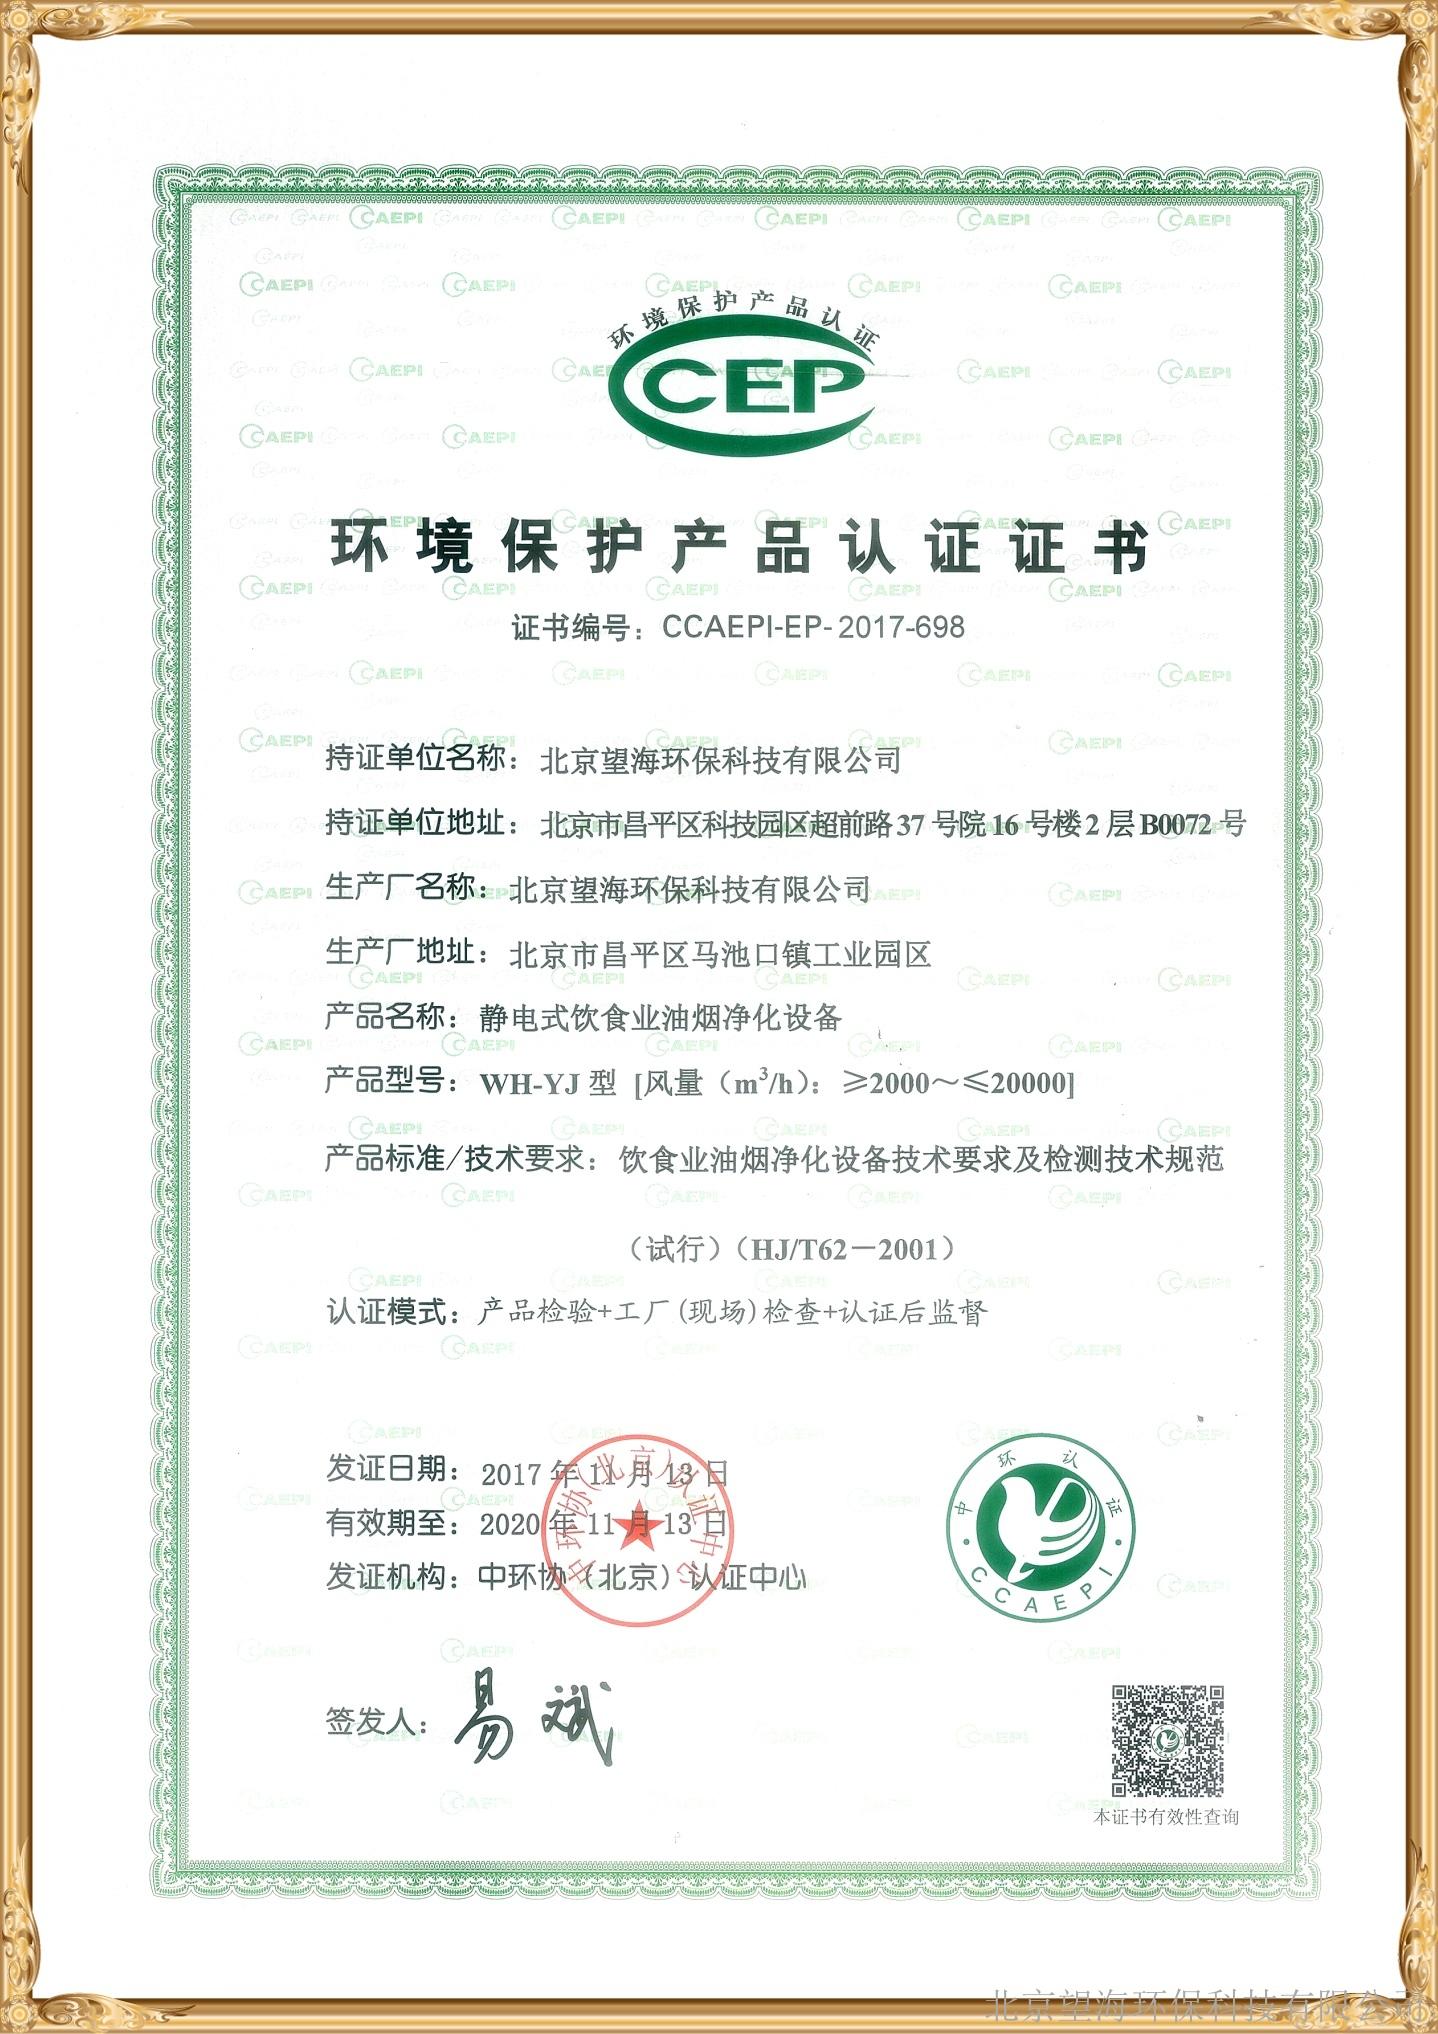 千赢官网(www.qy186.com)环保产品认证